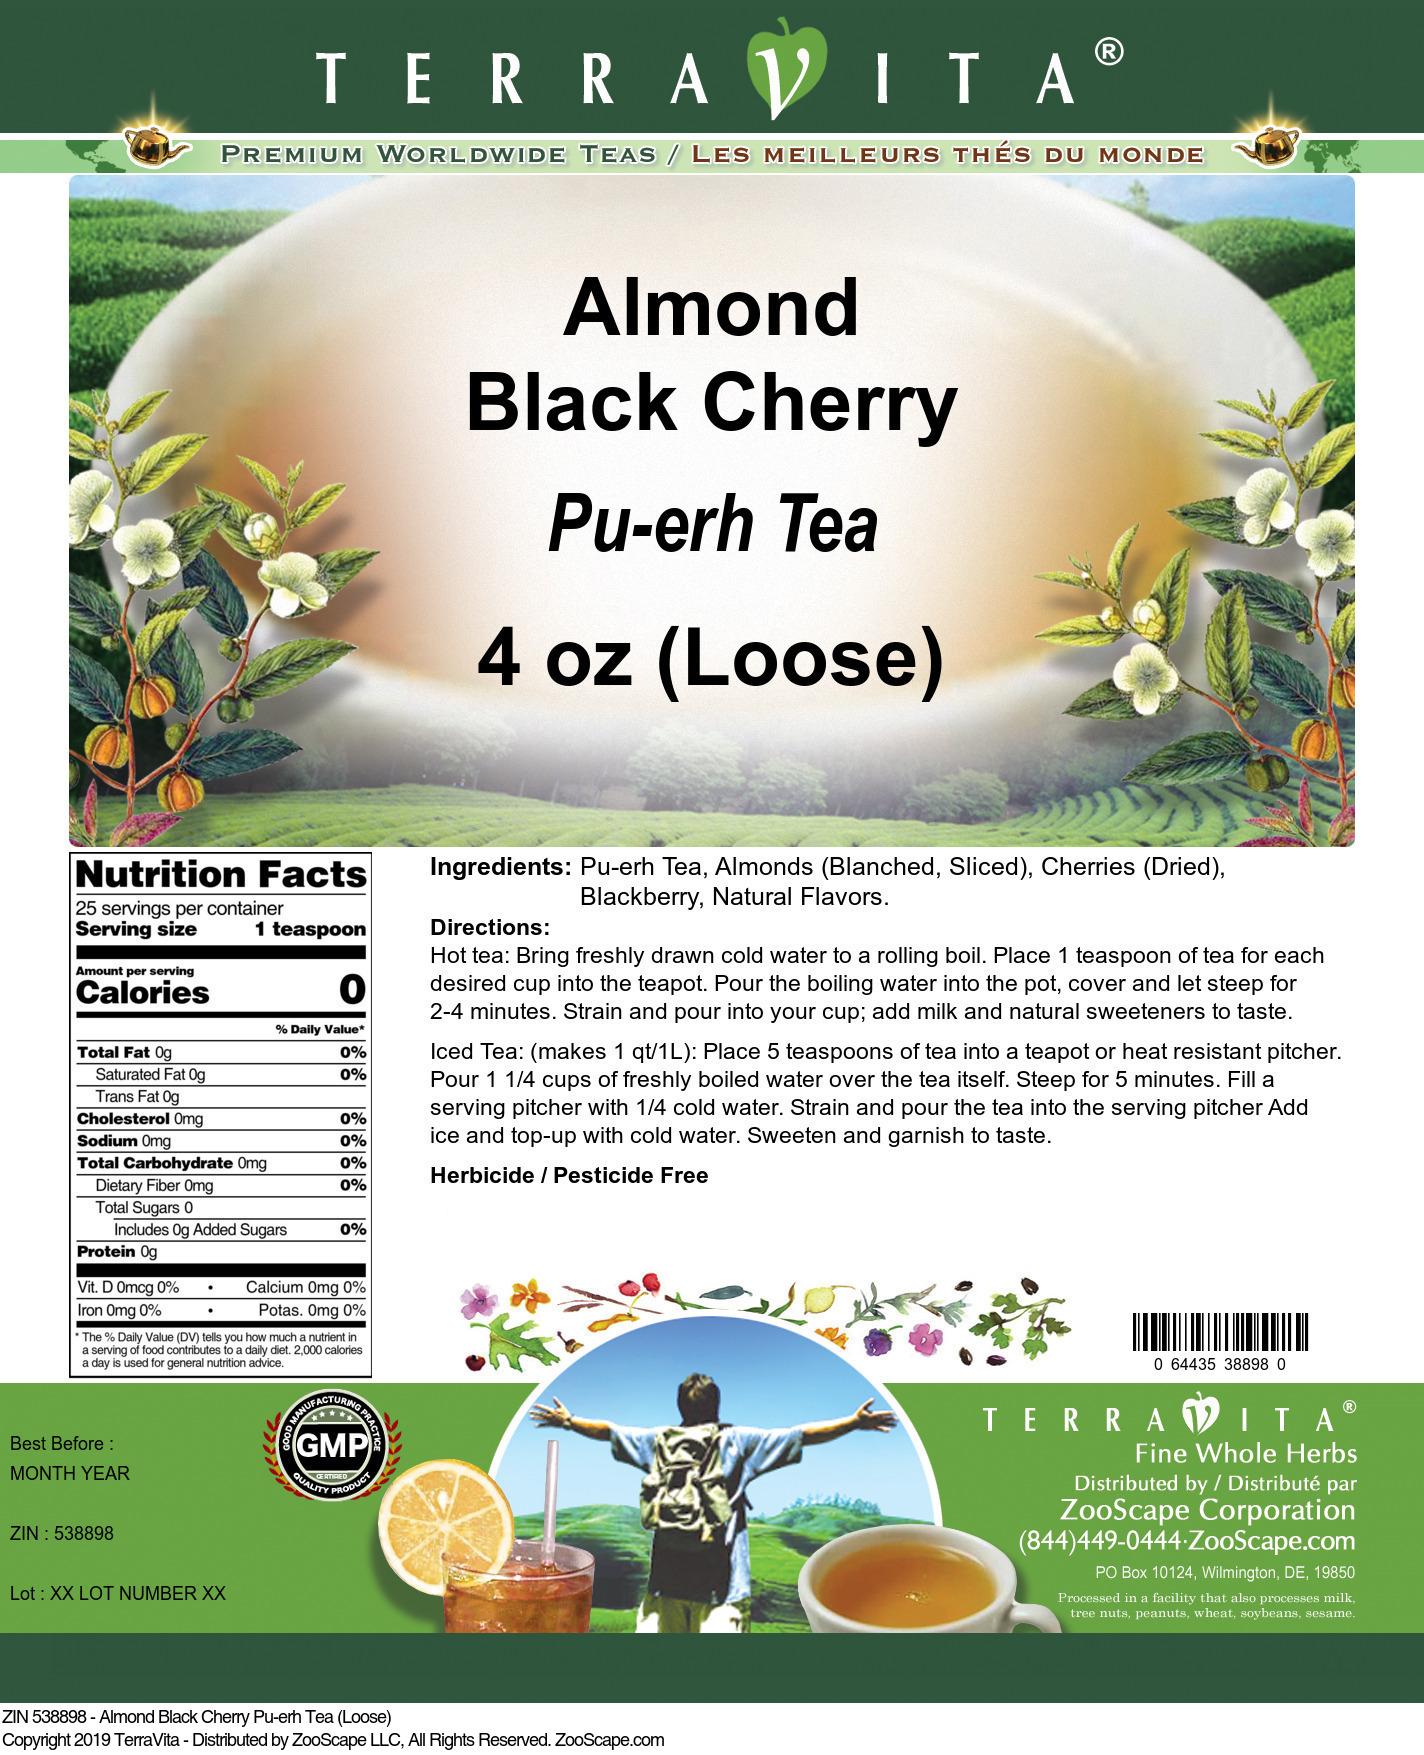 Almond Black Cherry Pu-erh Tea (Loose)